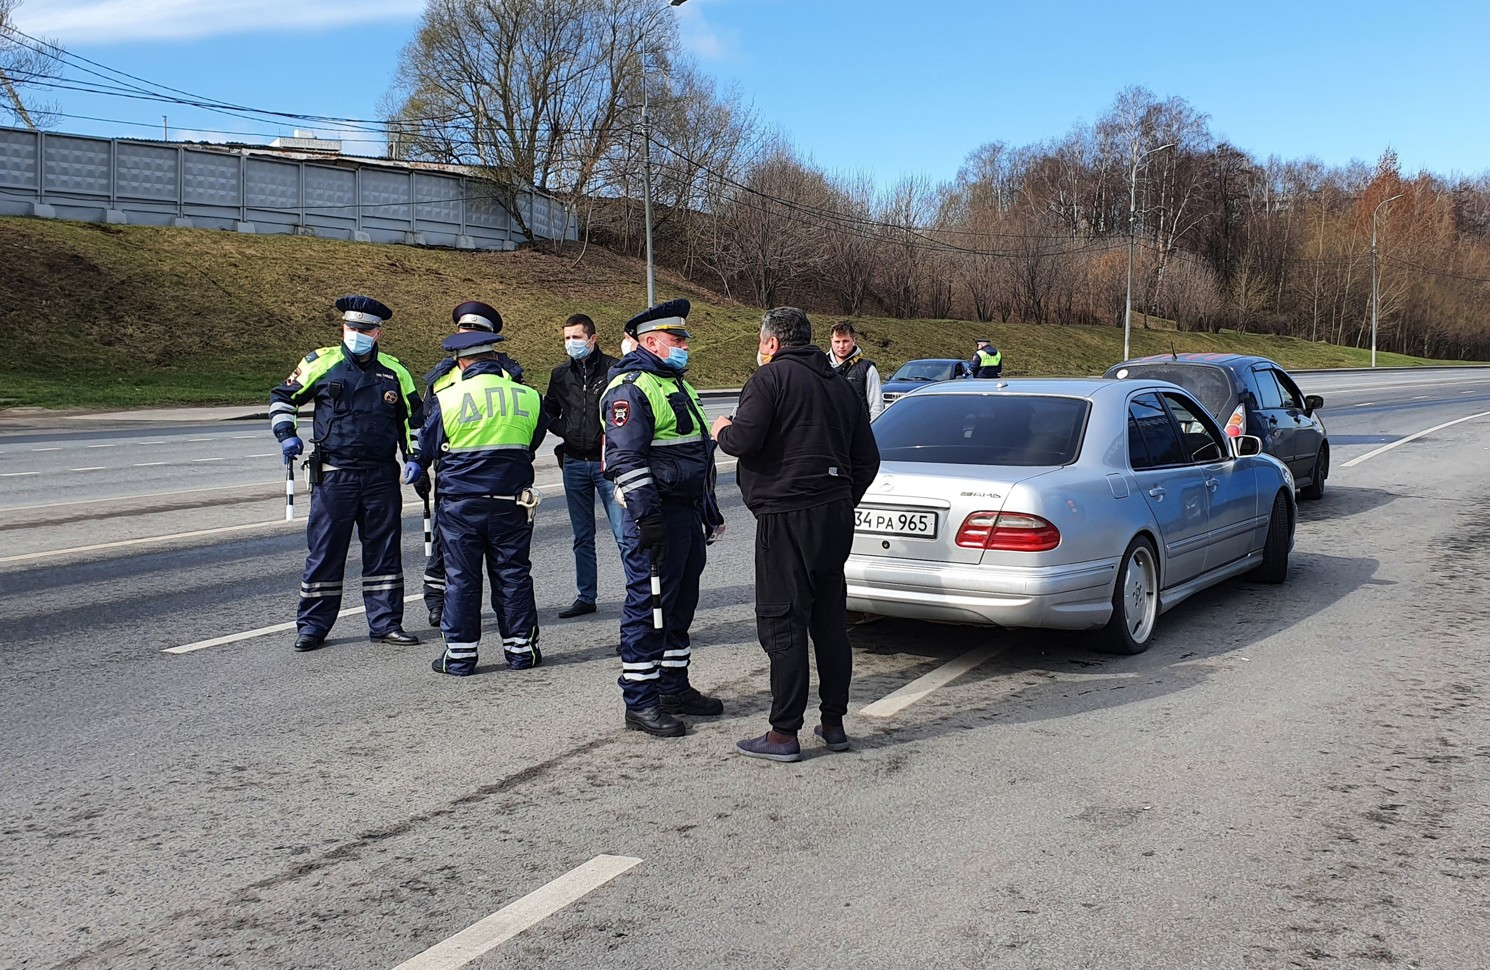 Депутаты поддержали идею - полицейские смогут вскрывать автомобили